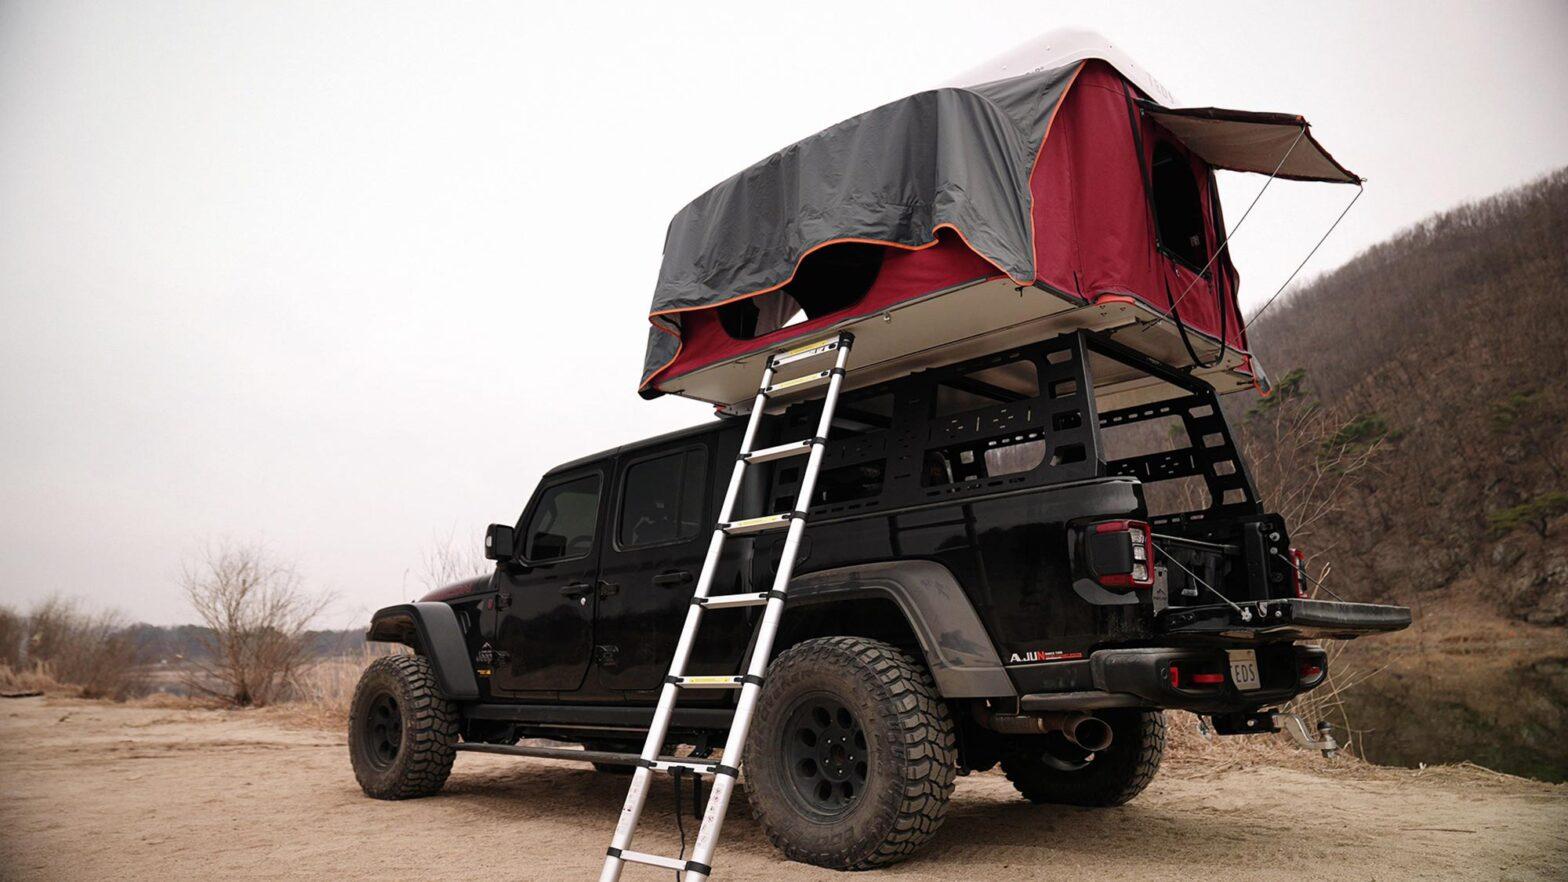 TEDPoP Pop-up Hardshell Rooftop Tent